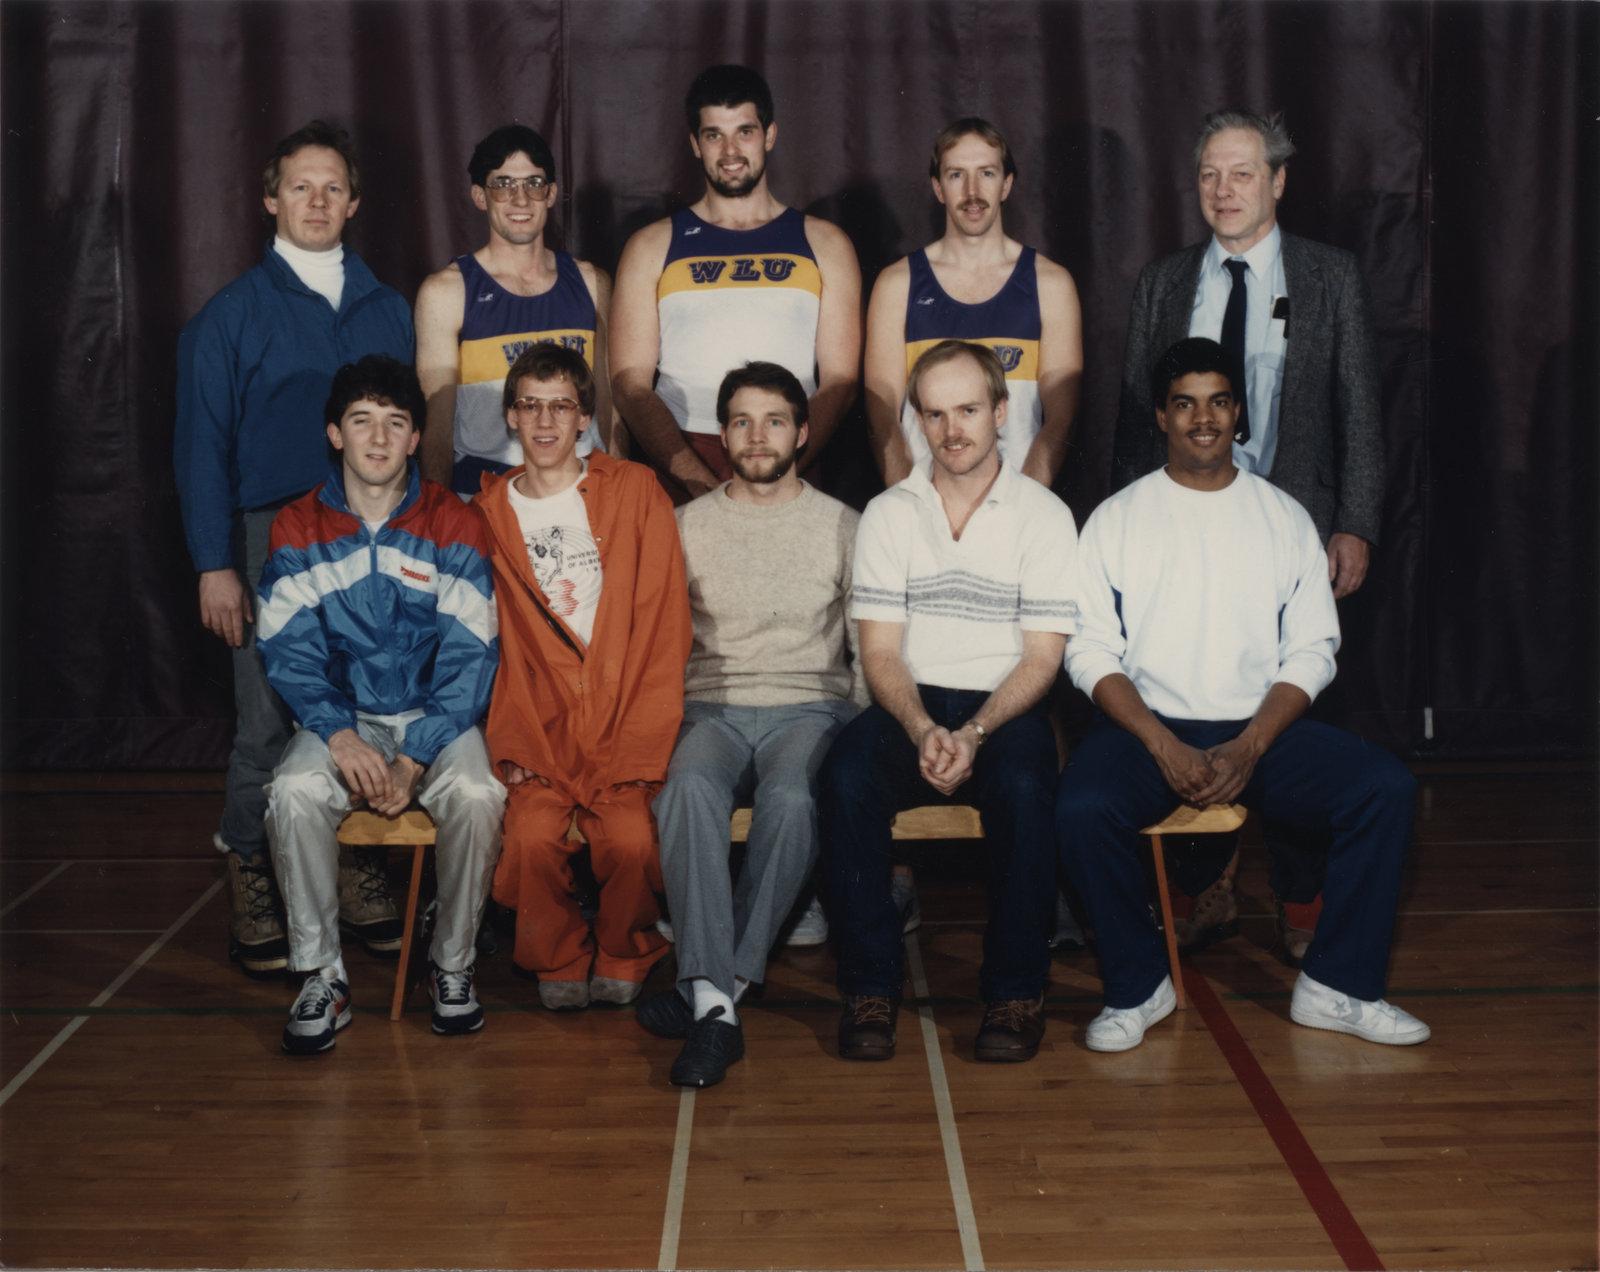 Wilfrid Laurier University men's wrestling team